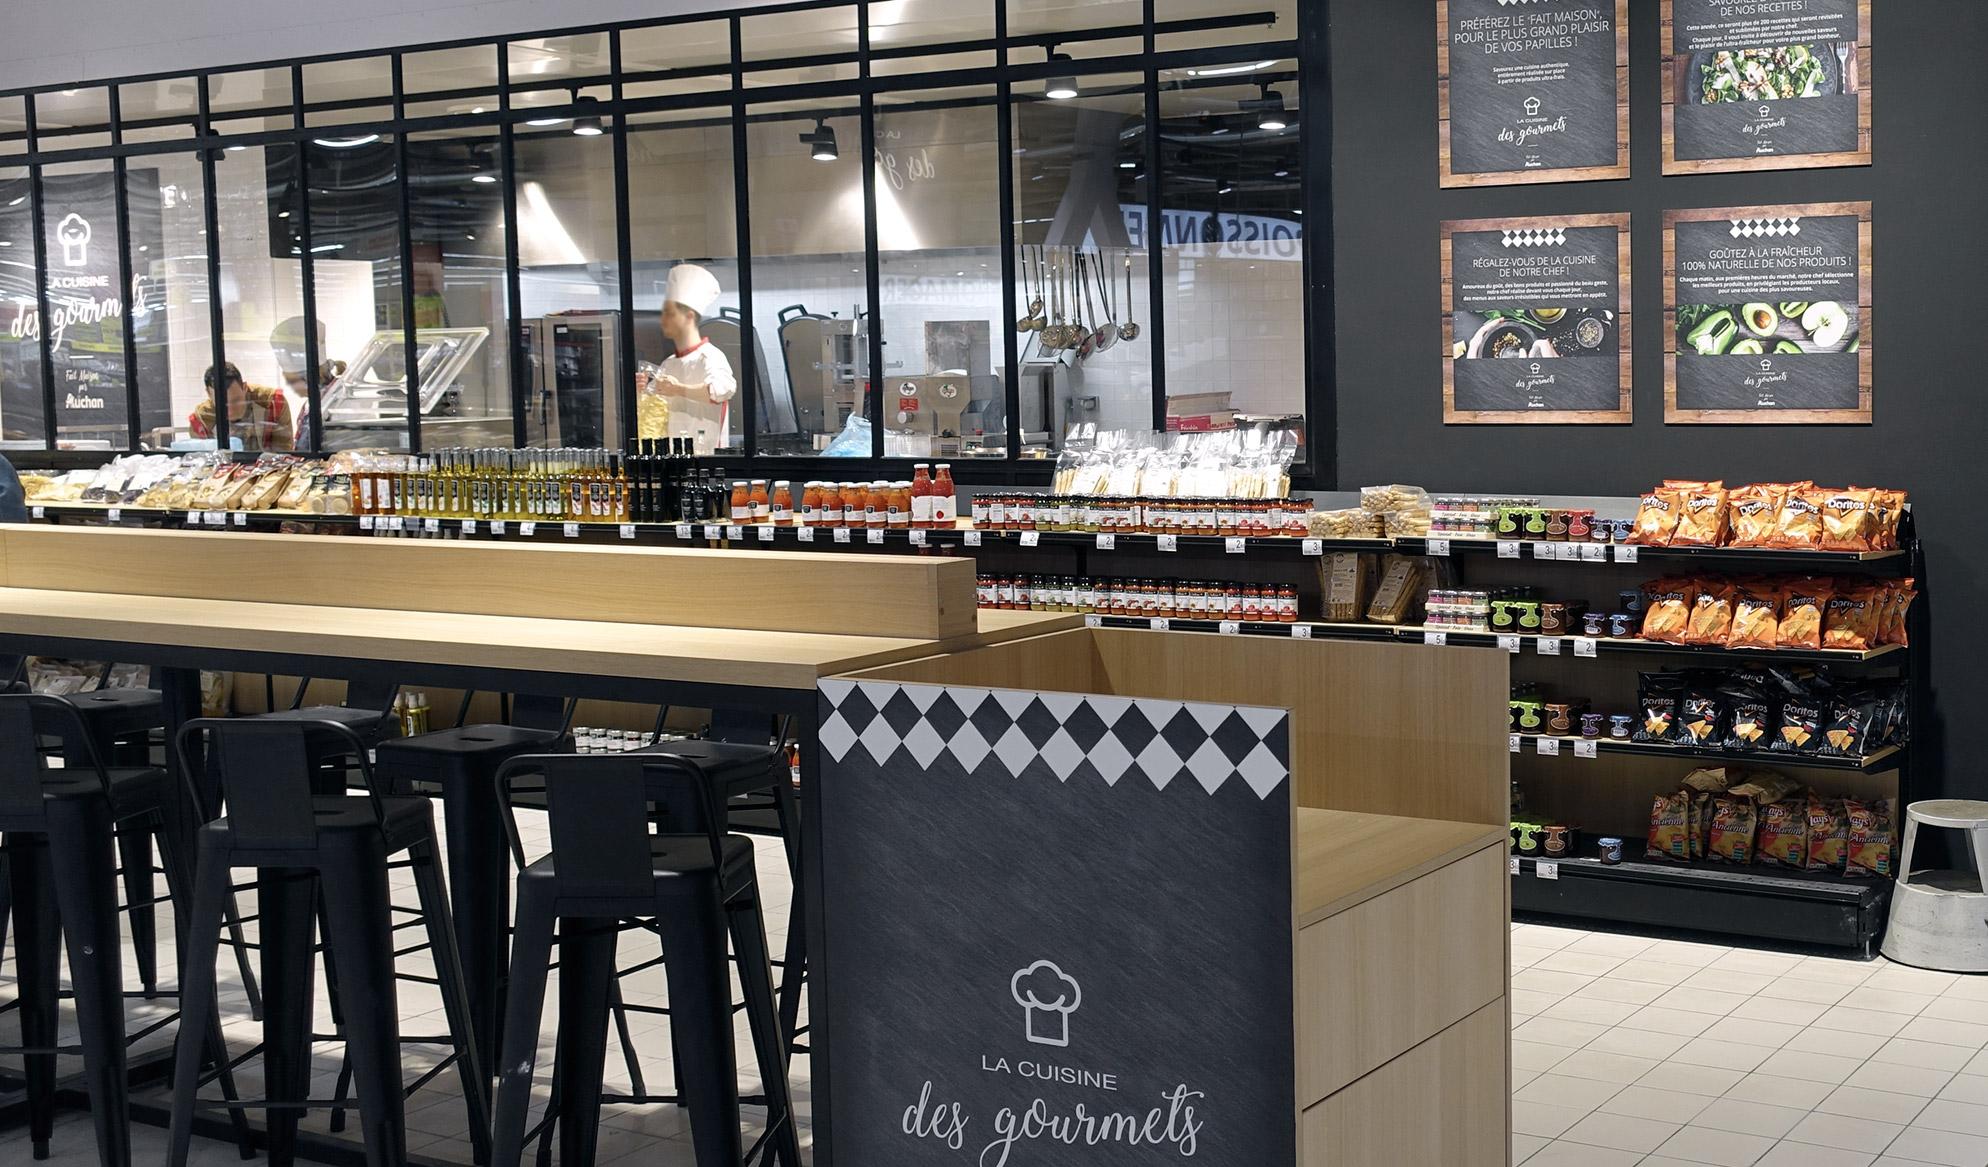 Photo cuisine des gourmets Auchan